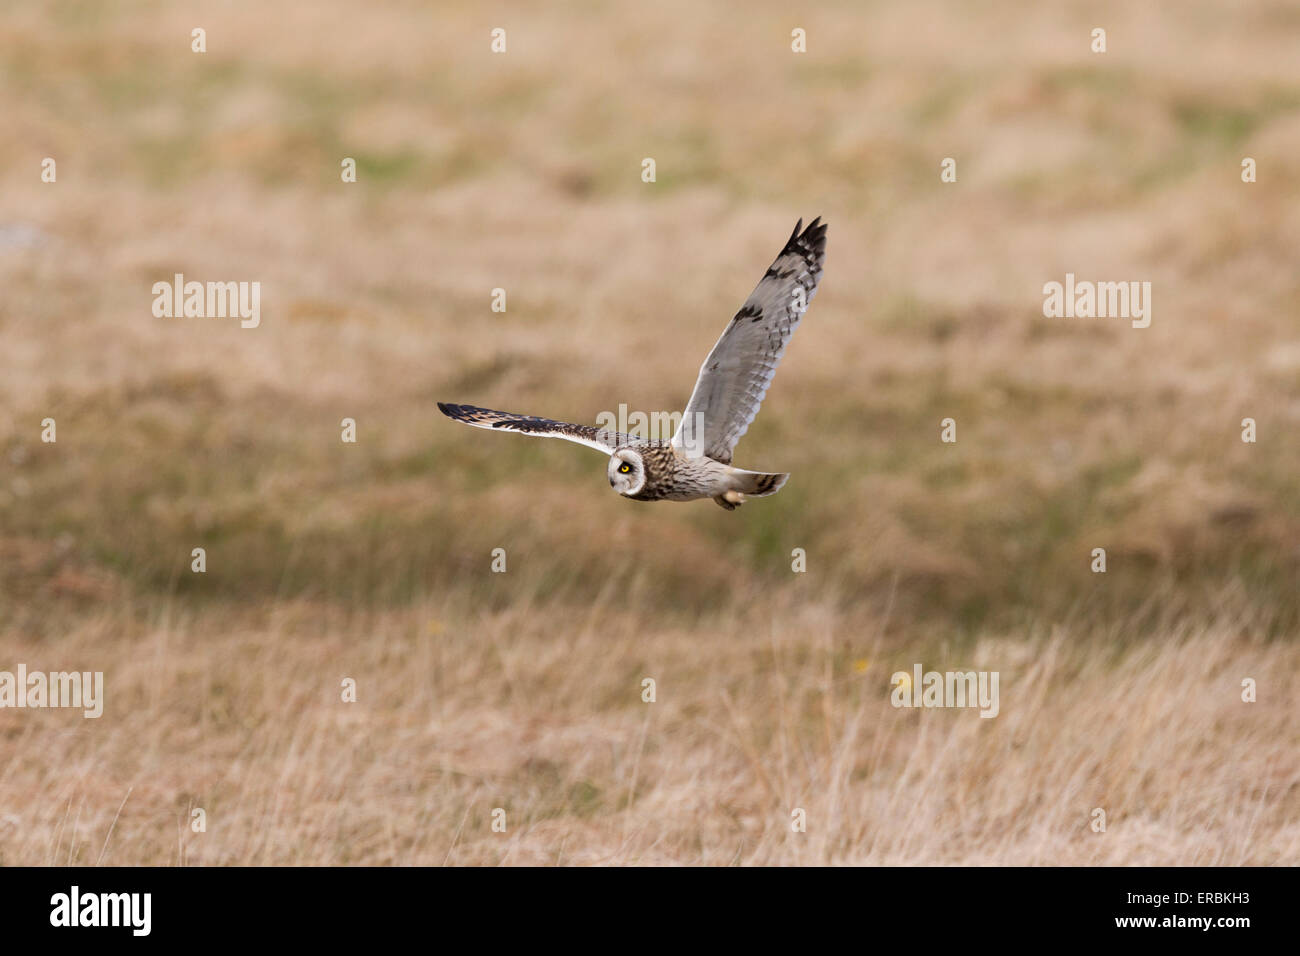 Short-eared Eule Asio Flammeus, jagen im Flug über Grünland, North Uist, äußeren Hebriden, Schottland. Stockfoto